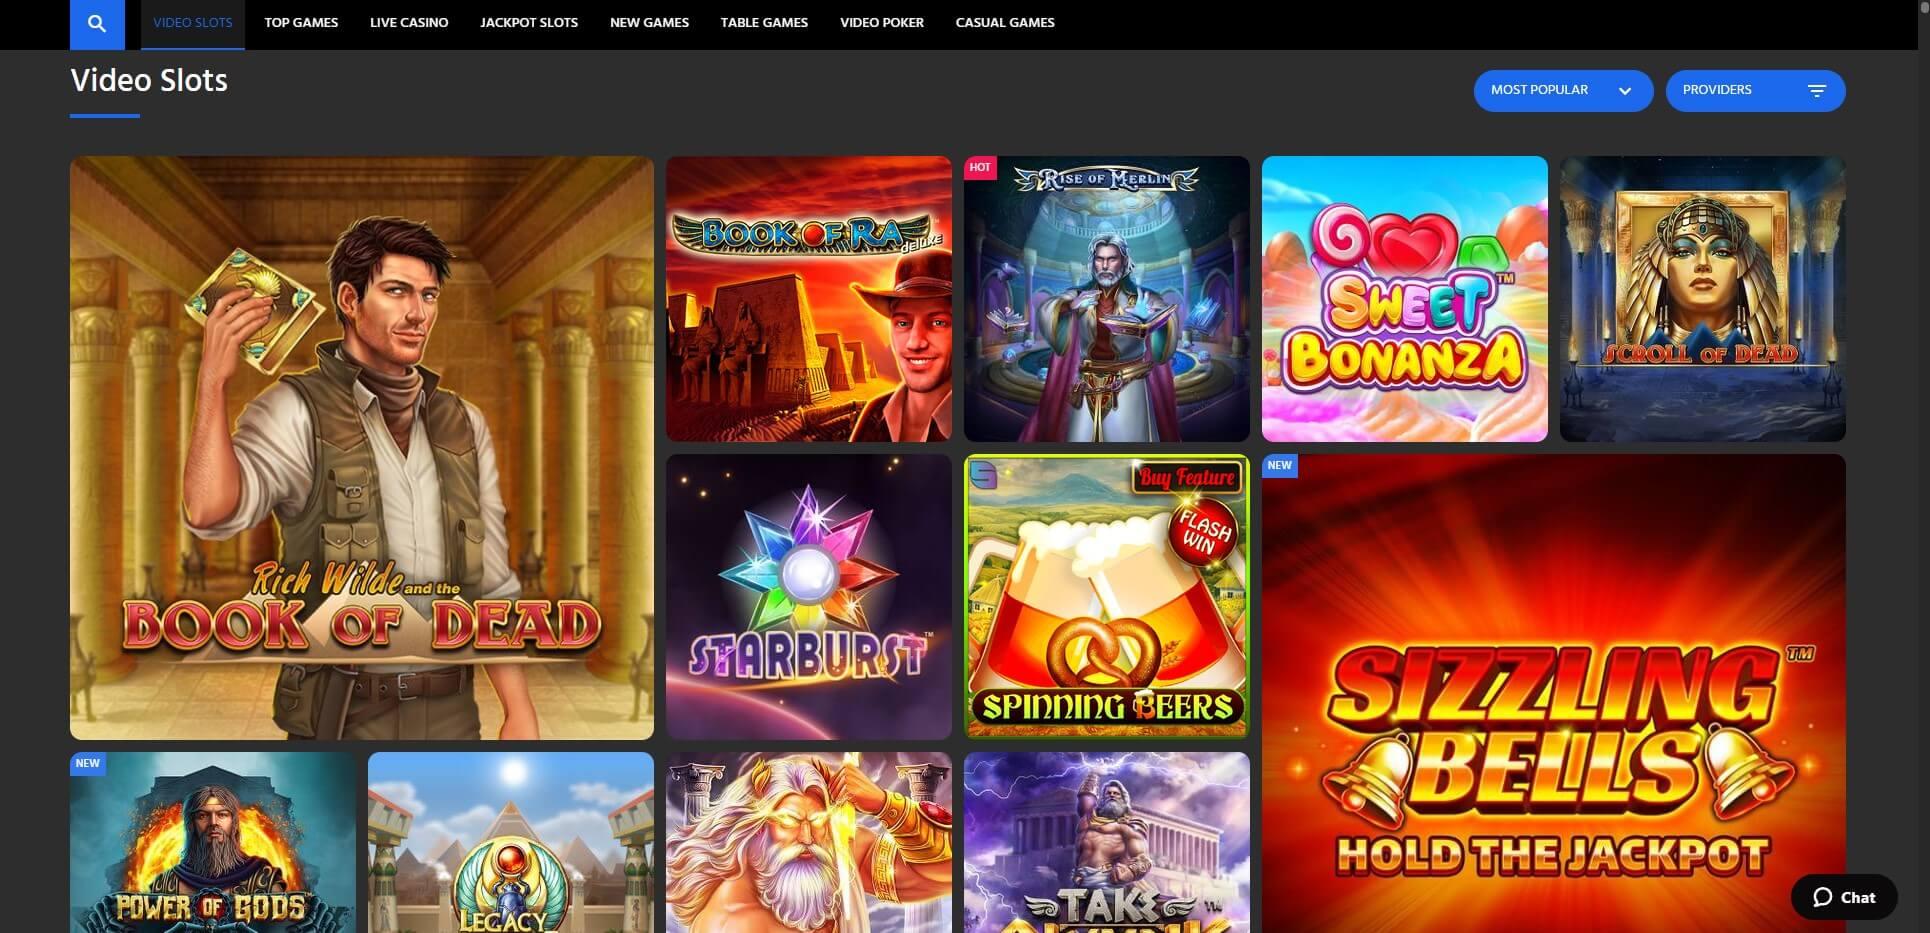 Games at Slotimo Casino